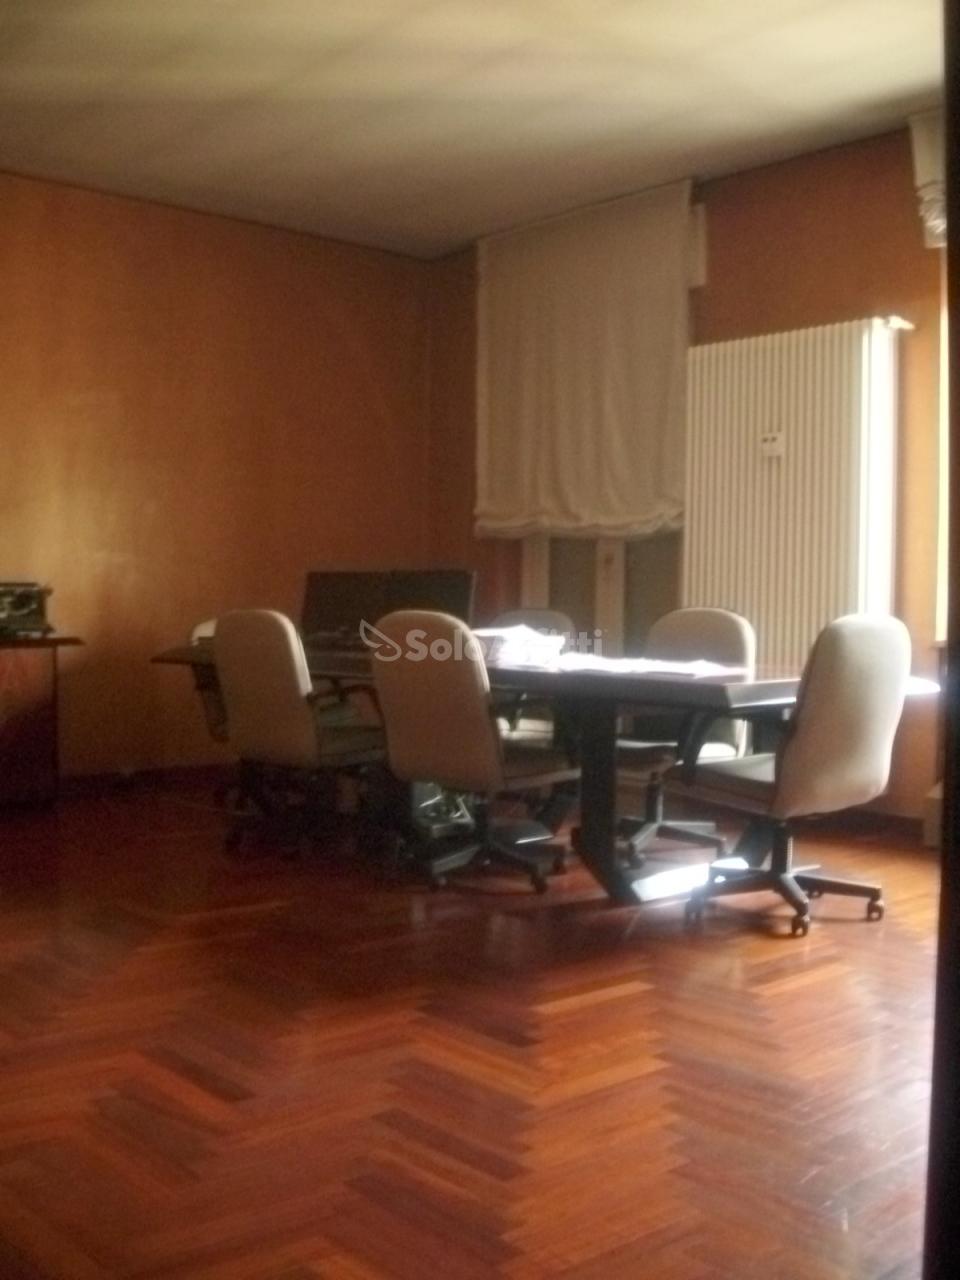 Ufficio - oltre 4 locali a Centro, Torino Rif. 4132796